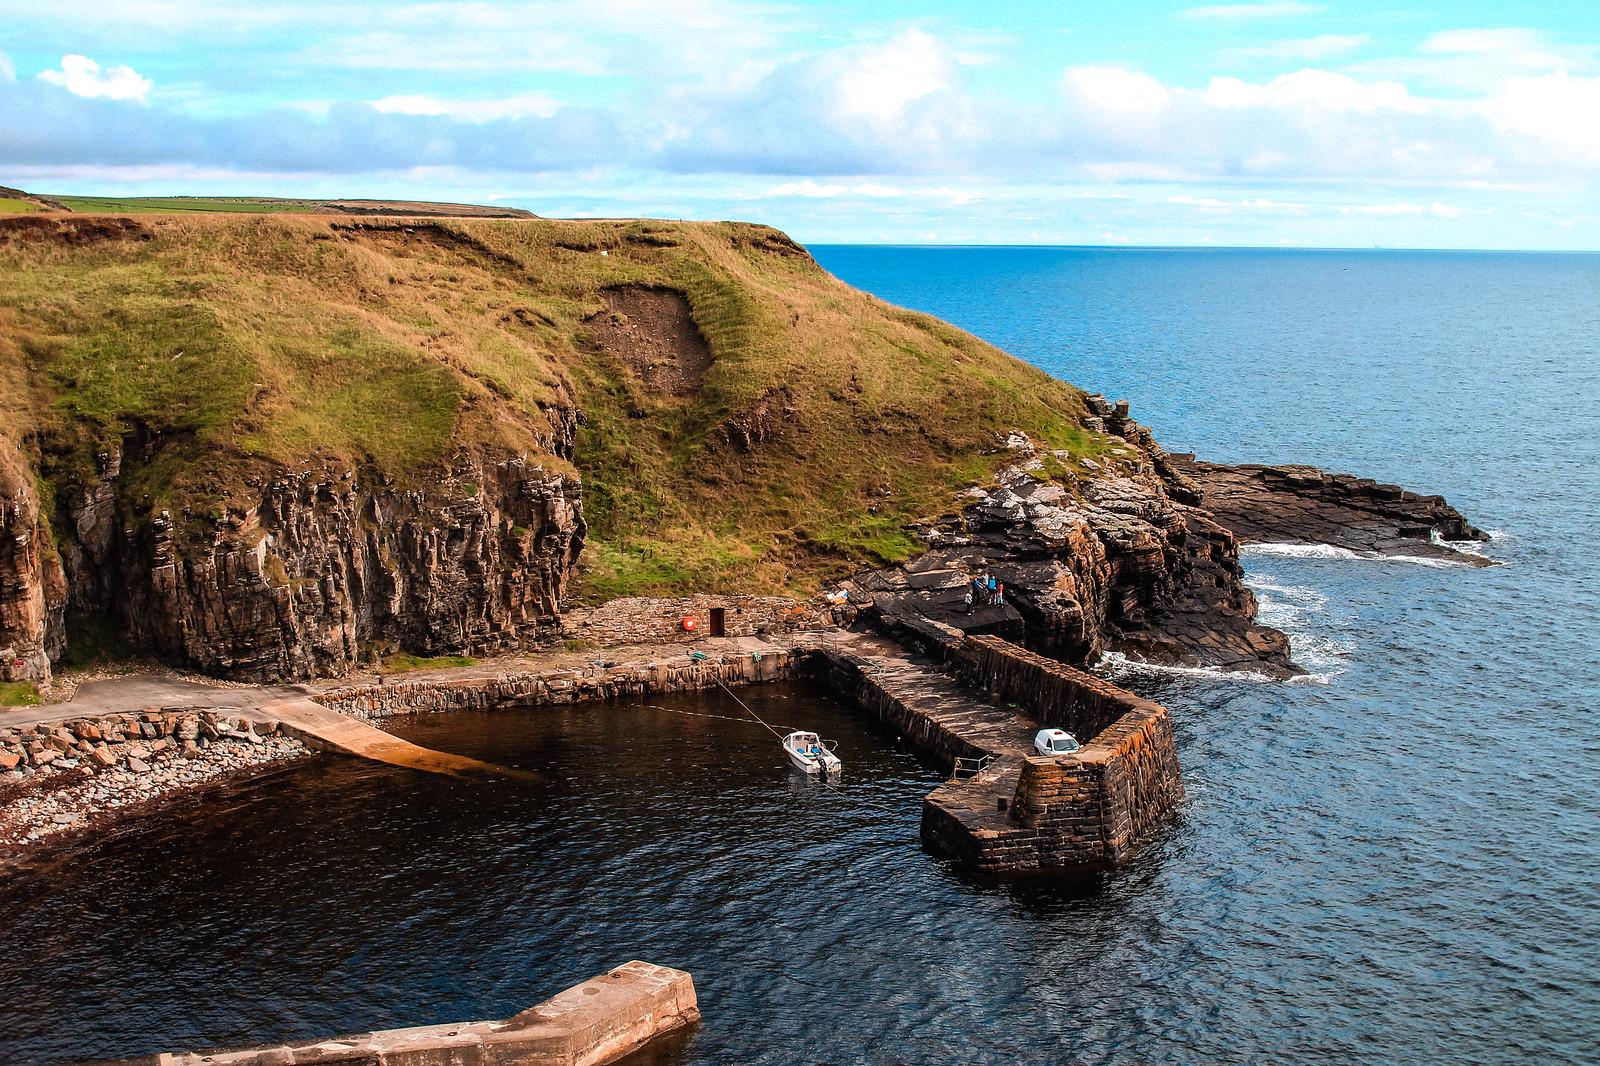 Whaligoe Steps Scotland NC500 travel blogger UK